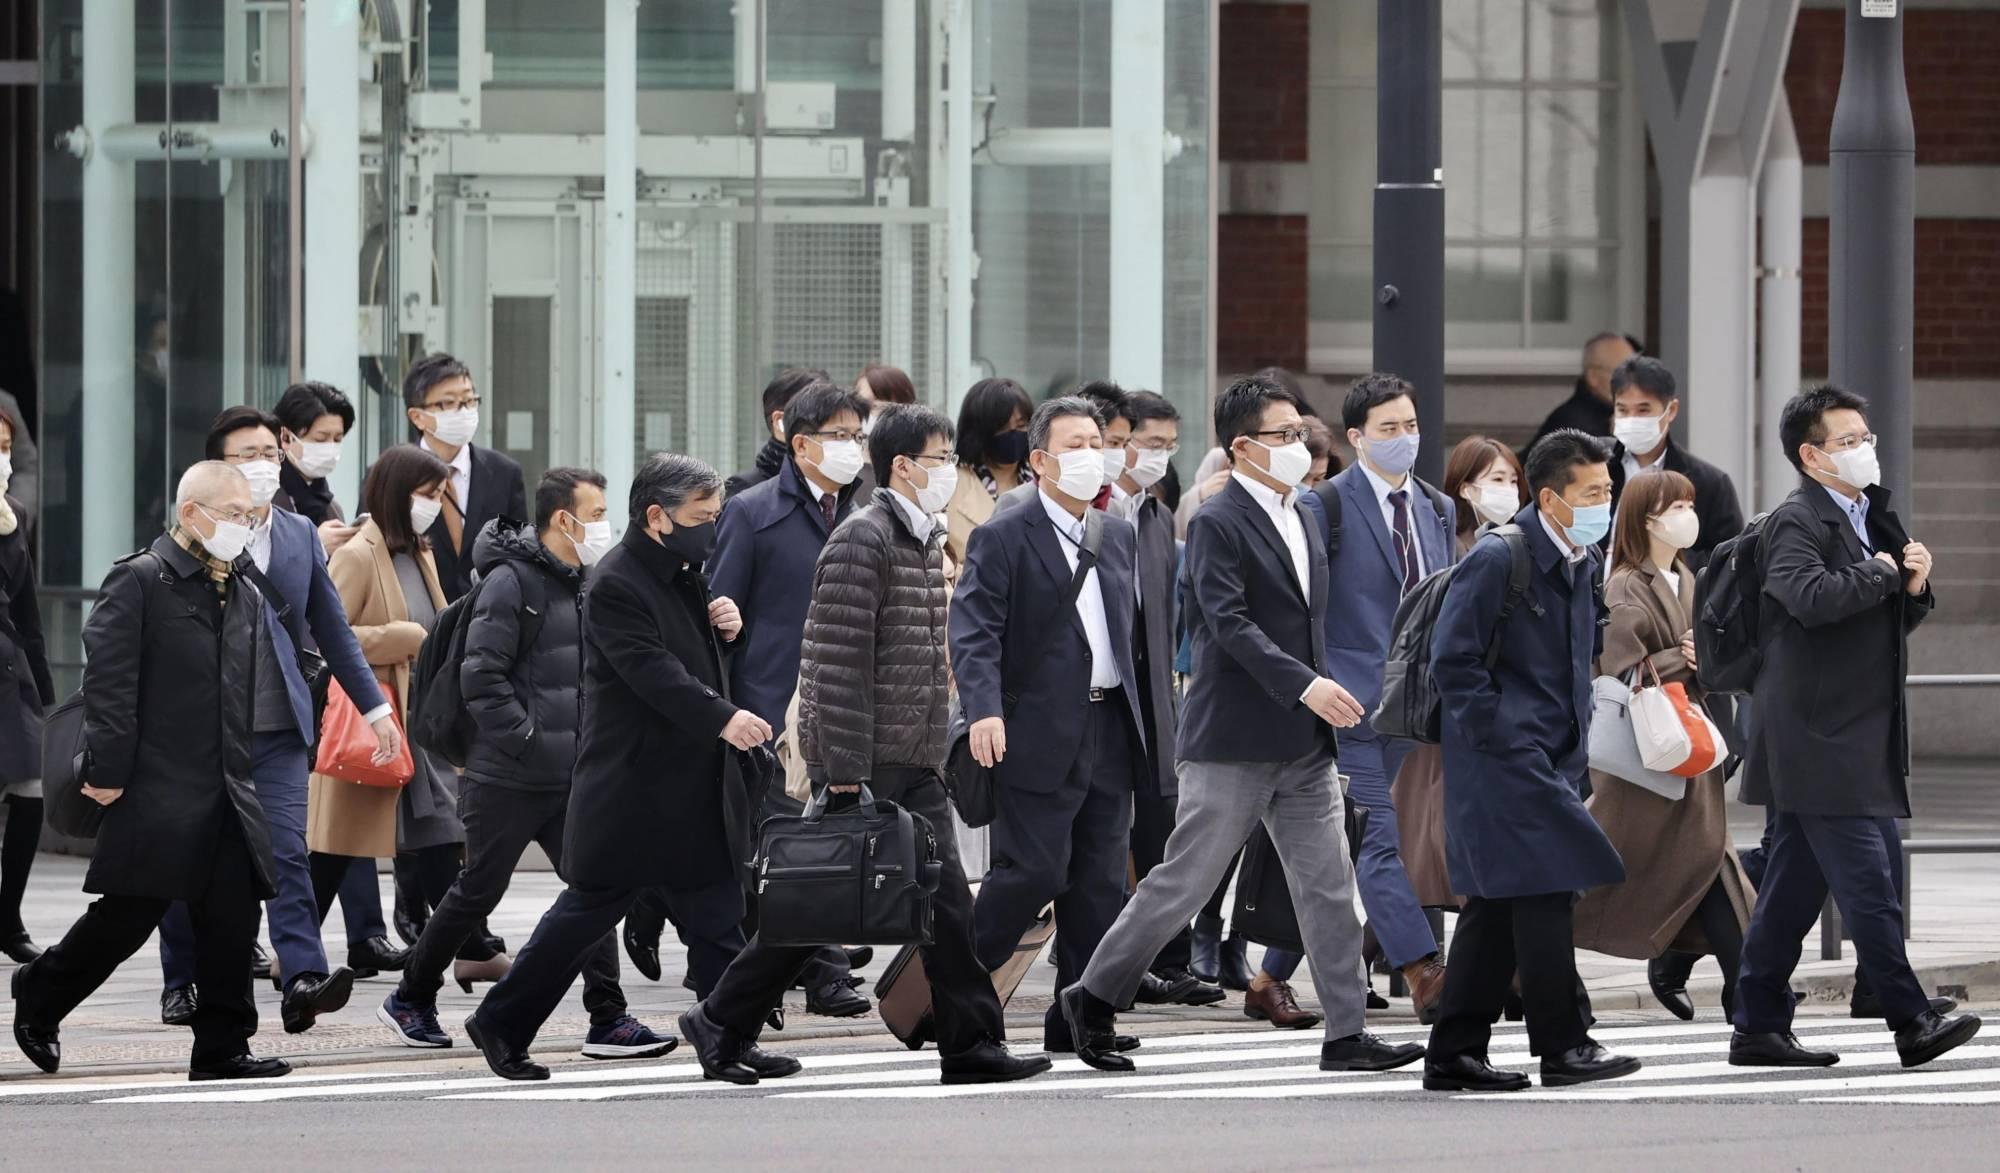 Nhật Bản: Sáng 1/10, người dân Nhật Bản vui mừng khi chính phủ chính thức dỡ bỏ tình trạng khẩn cấp đối với 19 tỉnh như Hokkaido, Tokyo, Aichi, Osaka, Hiroshima… cũng như hủy bỏ tất cả biện pháp ưu tiên phòng chống lây lan được ban hành tại 8 tỉnh. Lượng người lưu thông trên đường lớn hơn so với những người trước tuy nhiên người dân vẫn thận trọng tuân thủ các   biện pháp phòng dịch đeo khẩu trang, không tụ tập đông người. Các quán ăn và cơ sở thương mại được quay trở lại hoạt động bình thường… nhưng vẫn duy trì một số hạn chế. Hiện, chính phủ Nhật Bản cũng soạn thảo kế hoạch nới lỏng hơn bằng cách thiết lập các chính sách như hộ chiếu vắc xin, củng cố hệ thống y tế để ngăn chặn làn sóng lây nhiễm tiếp theo. Tính đến nay, Nhật Bản đã tiêm chủng đầy đủ hơn 58% dân số.